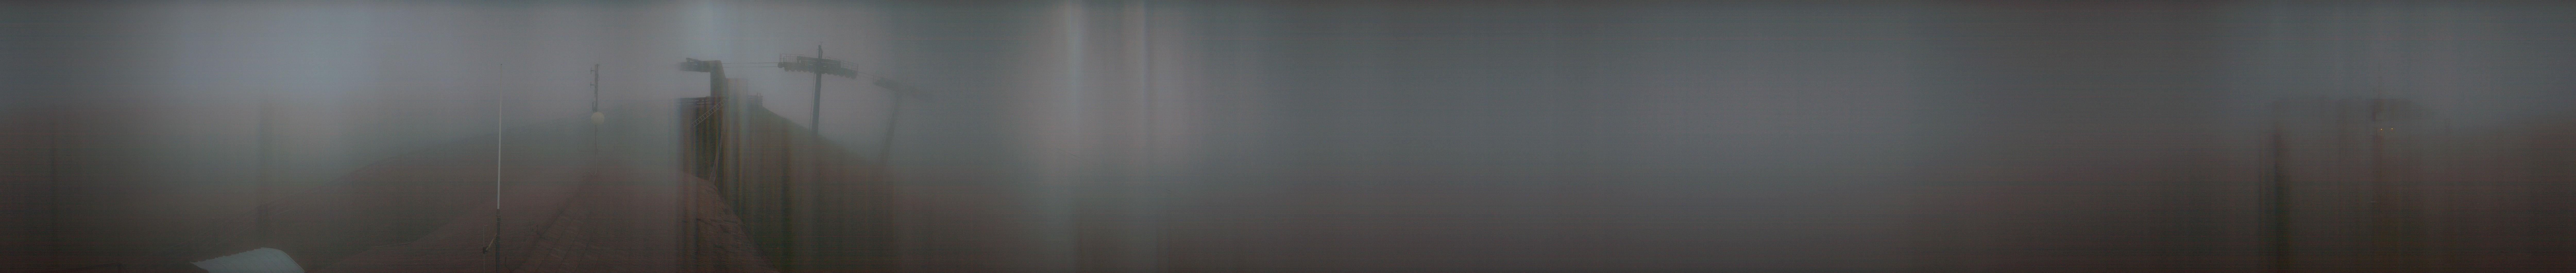 Brixen - Plose Lift